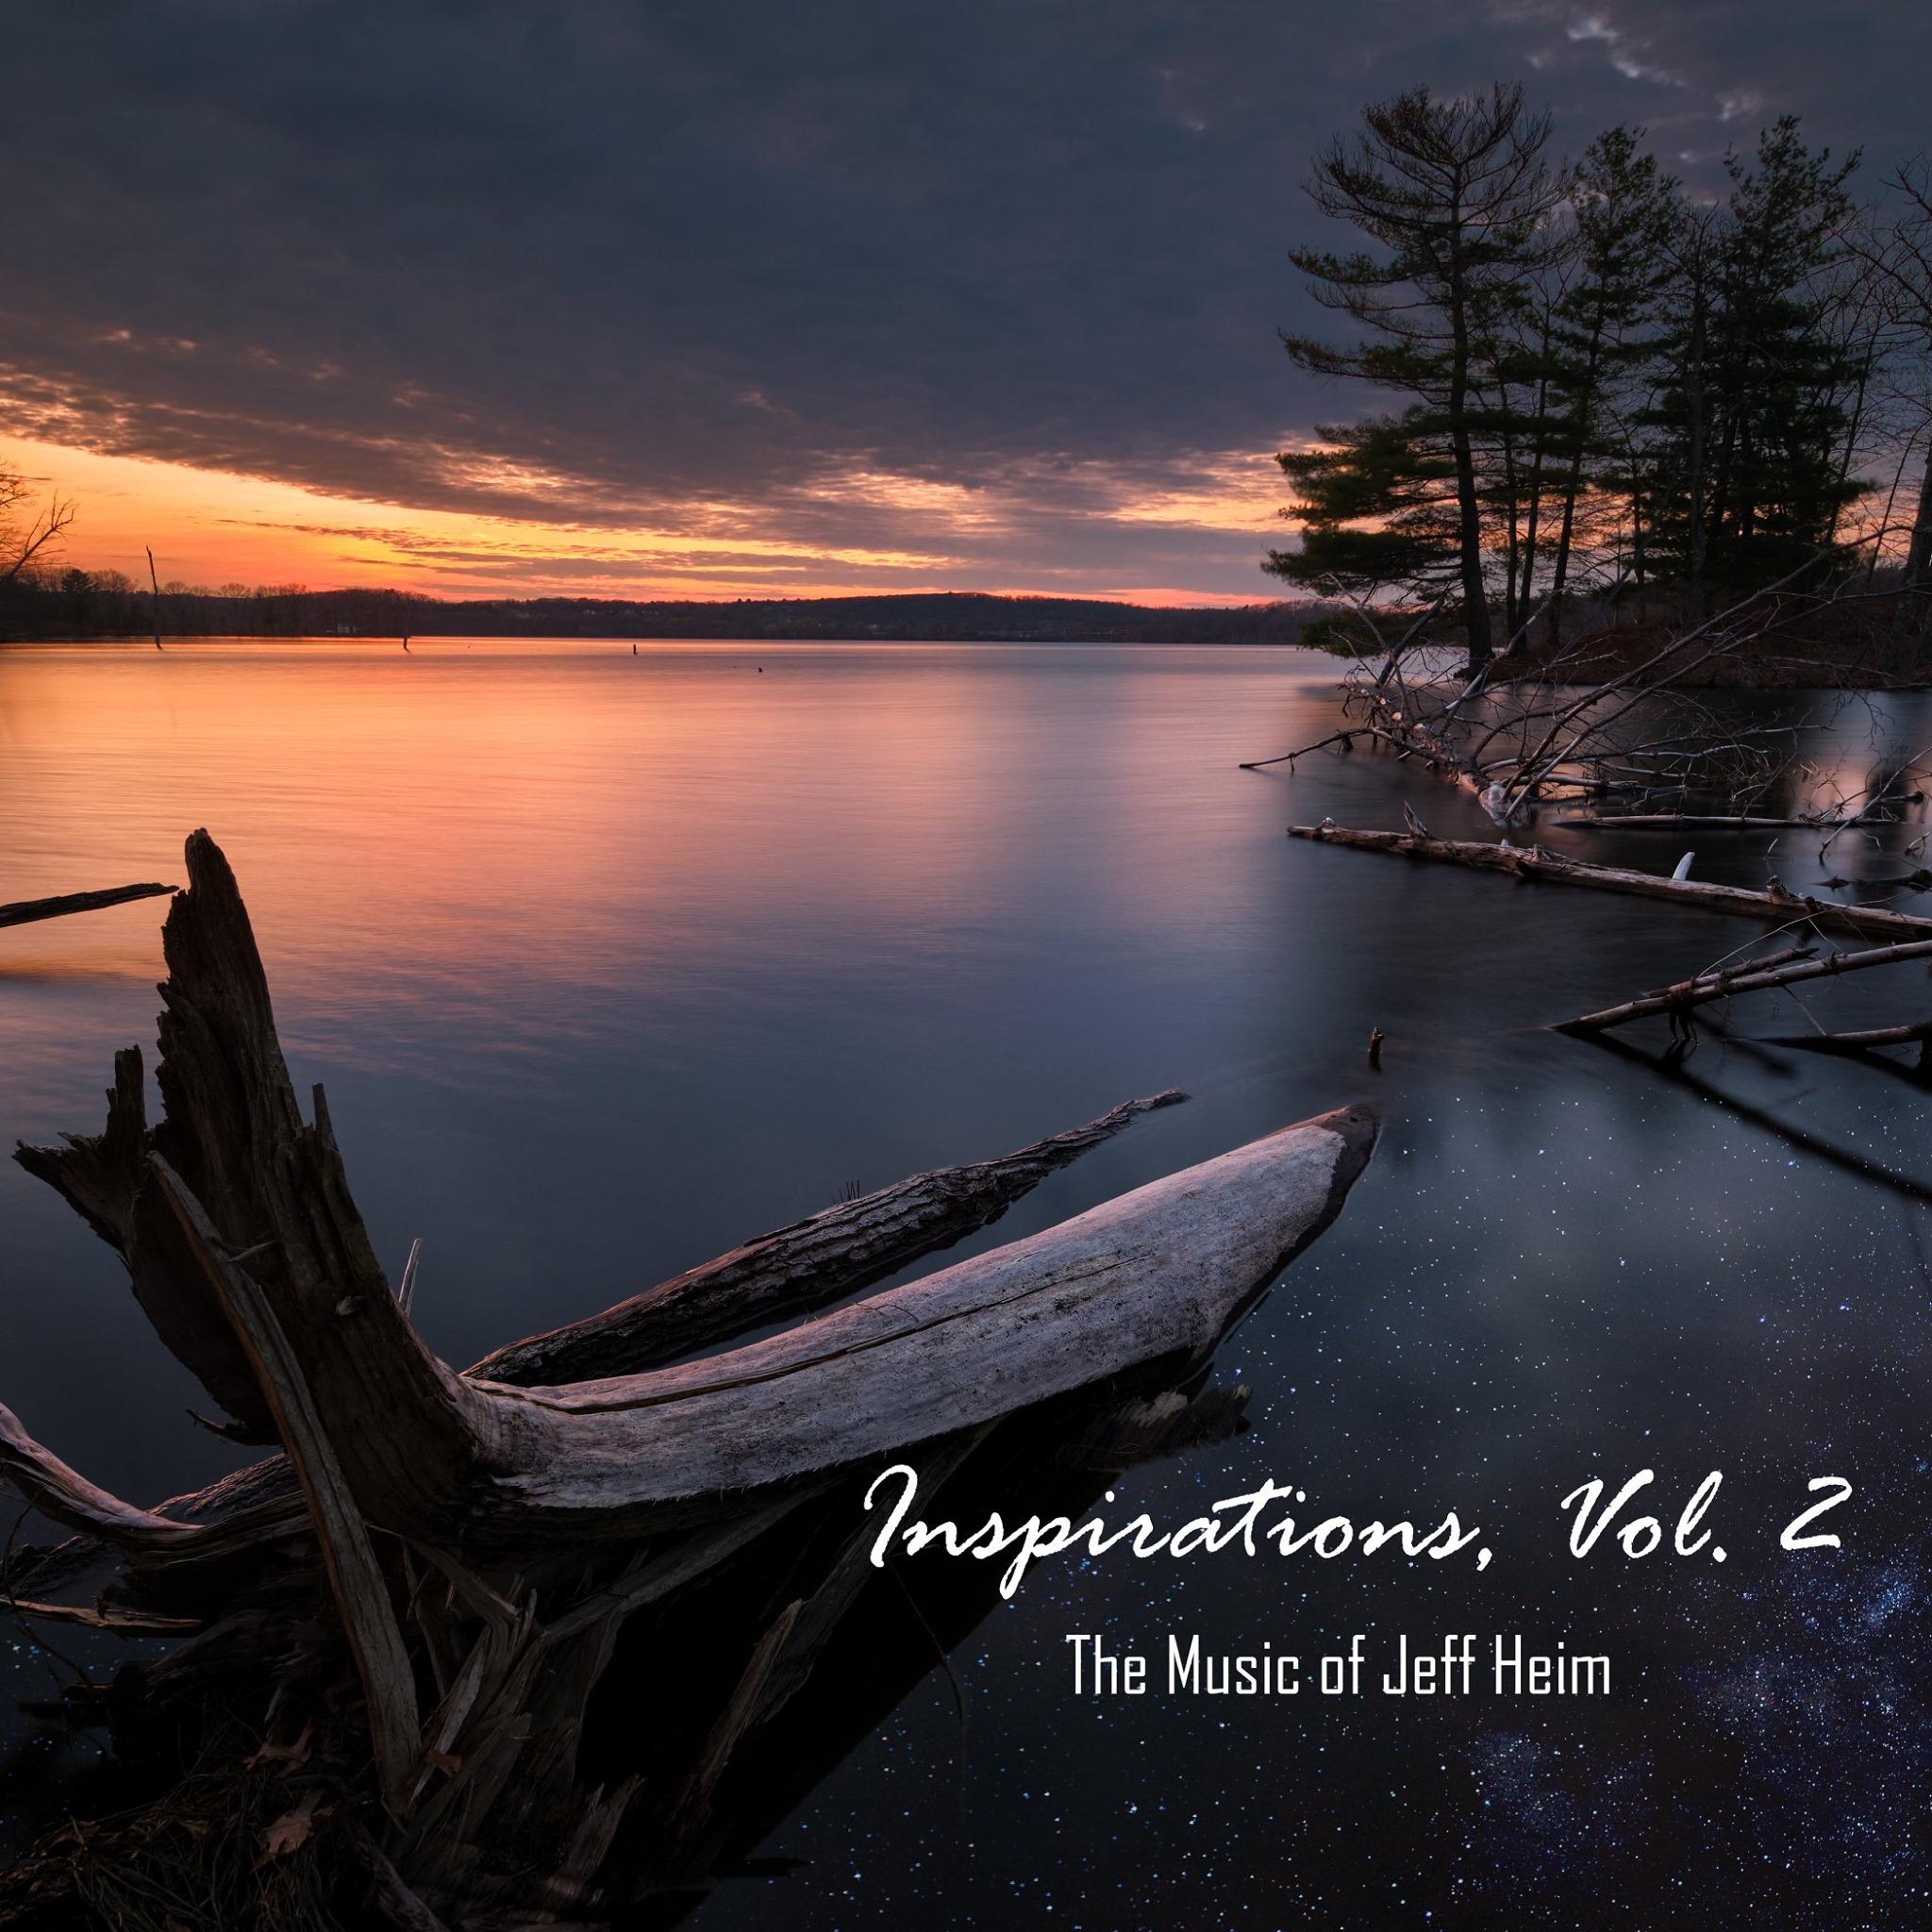 Inspirations, Vol. 2